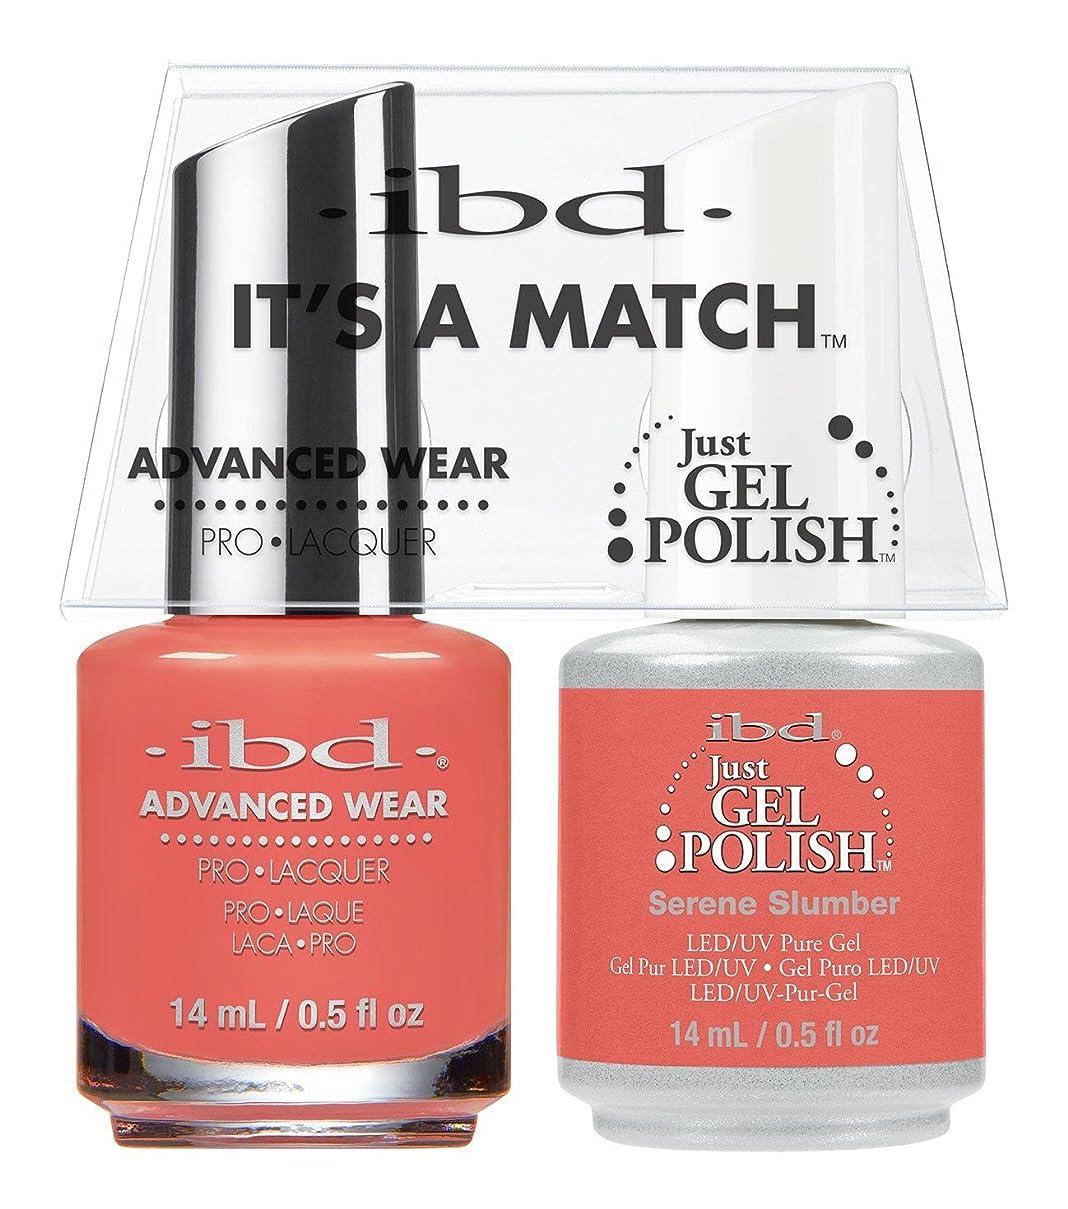 ビーチベーカリー集計ibd - It's A Match -Duo Pack- Serene Slumber - 14 mL / 0.5 oz Each